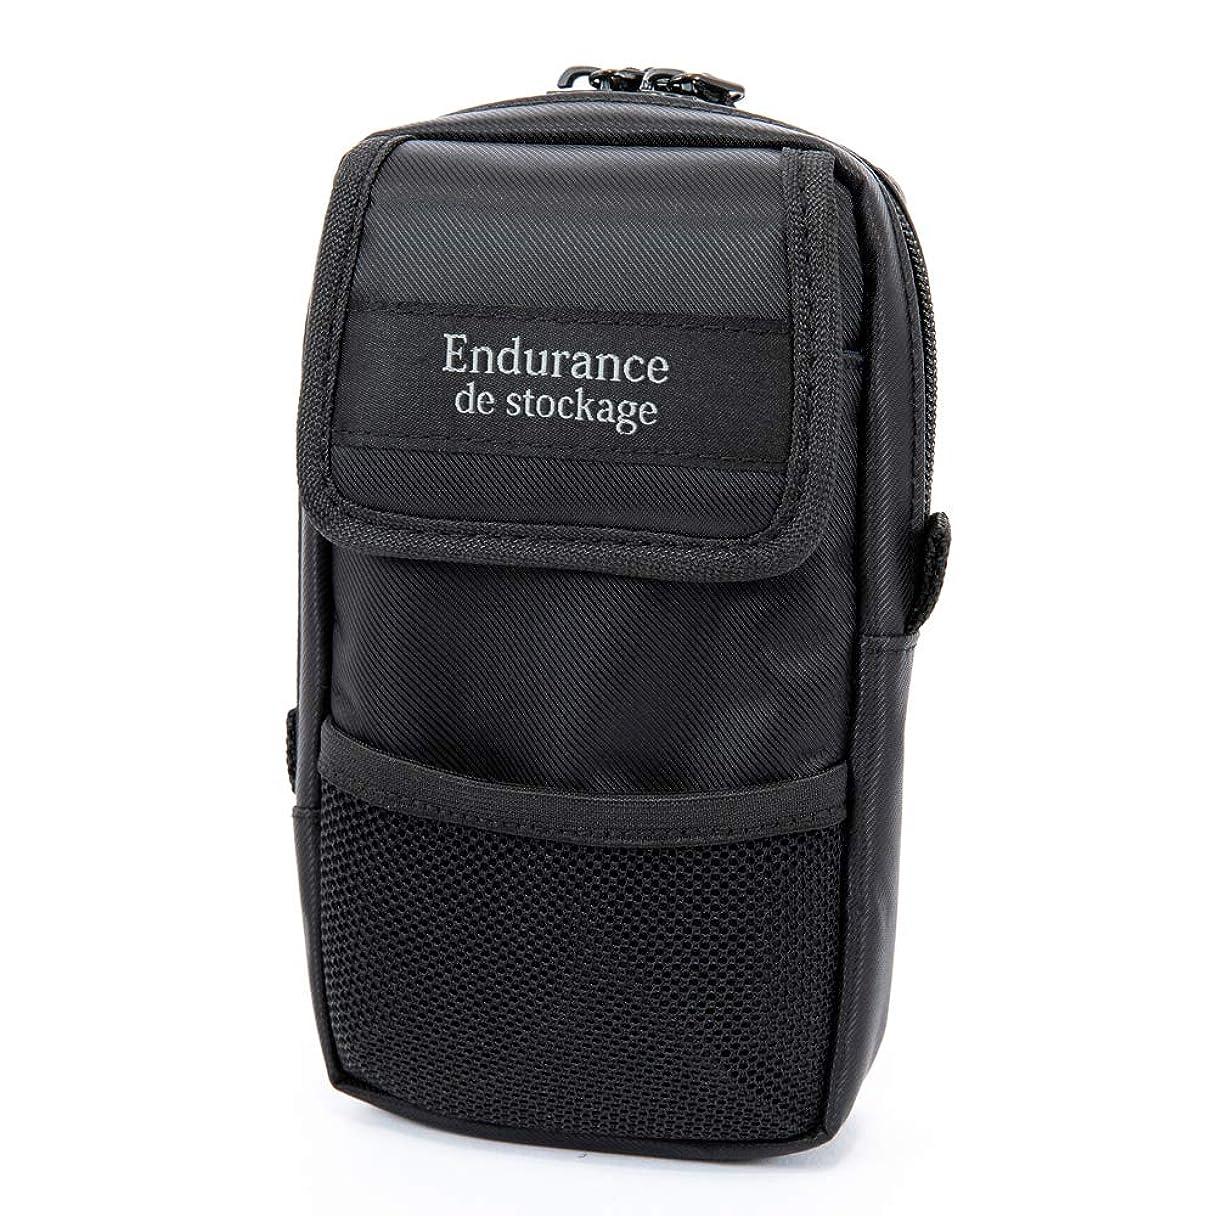 びっくりする平日アルネEndurance カメラバッグ用カメラアクセサリー&スマホポーチ